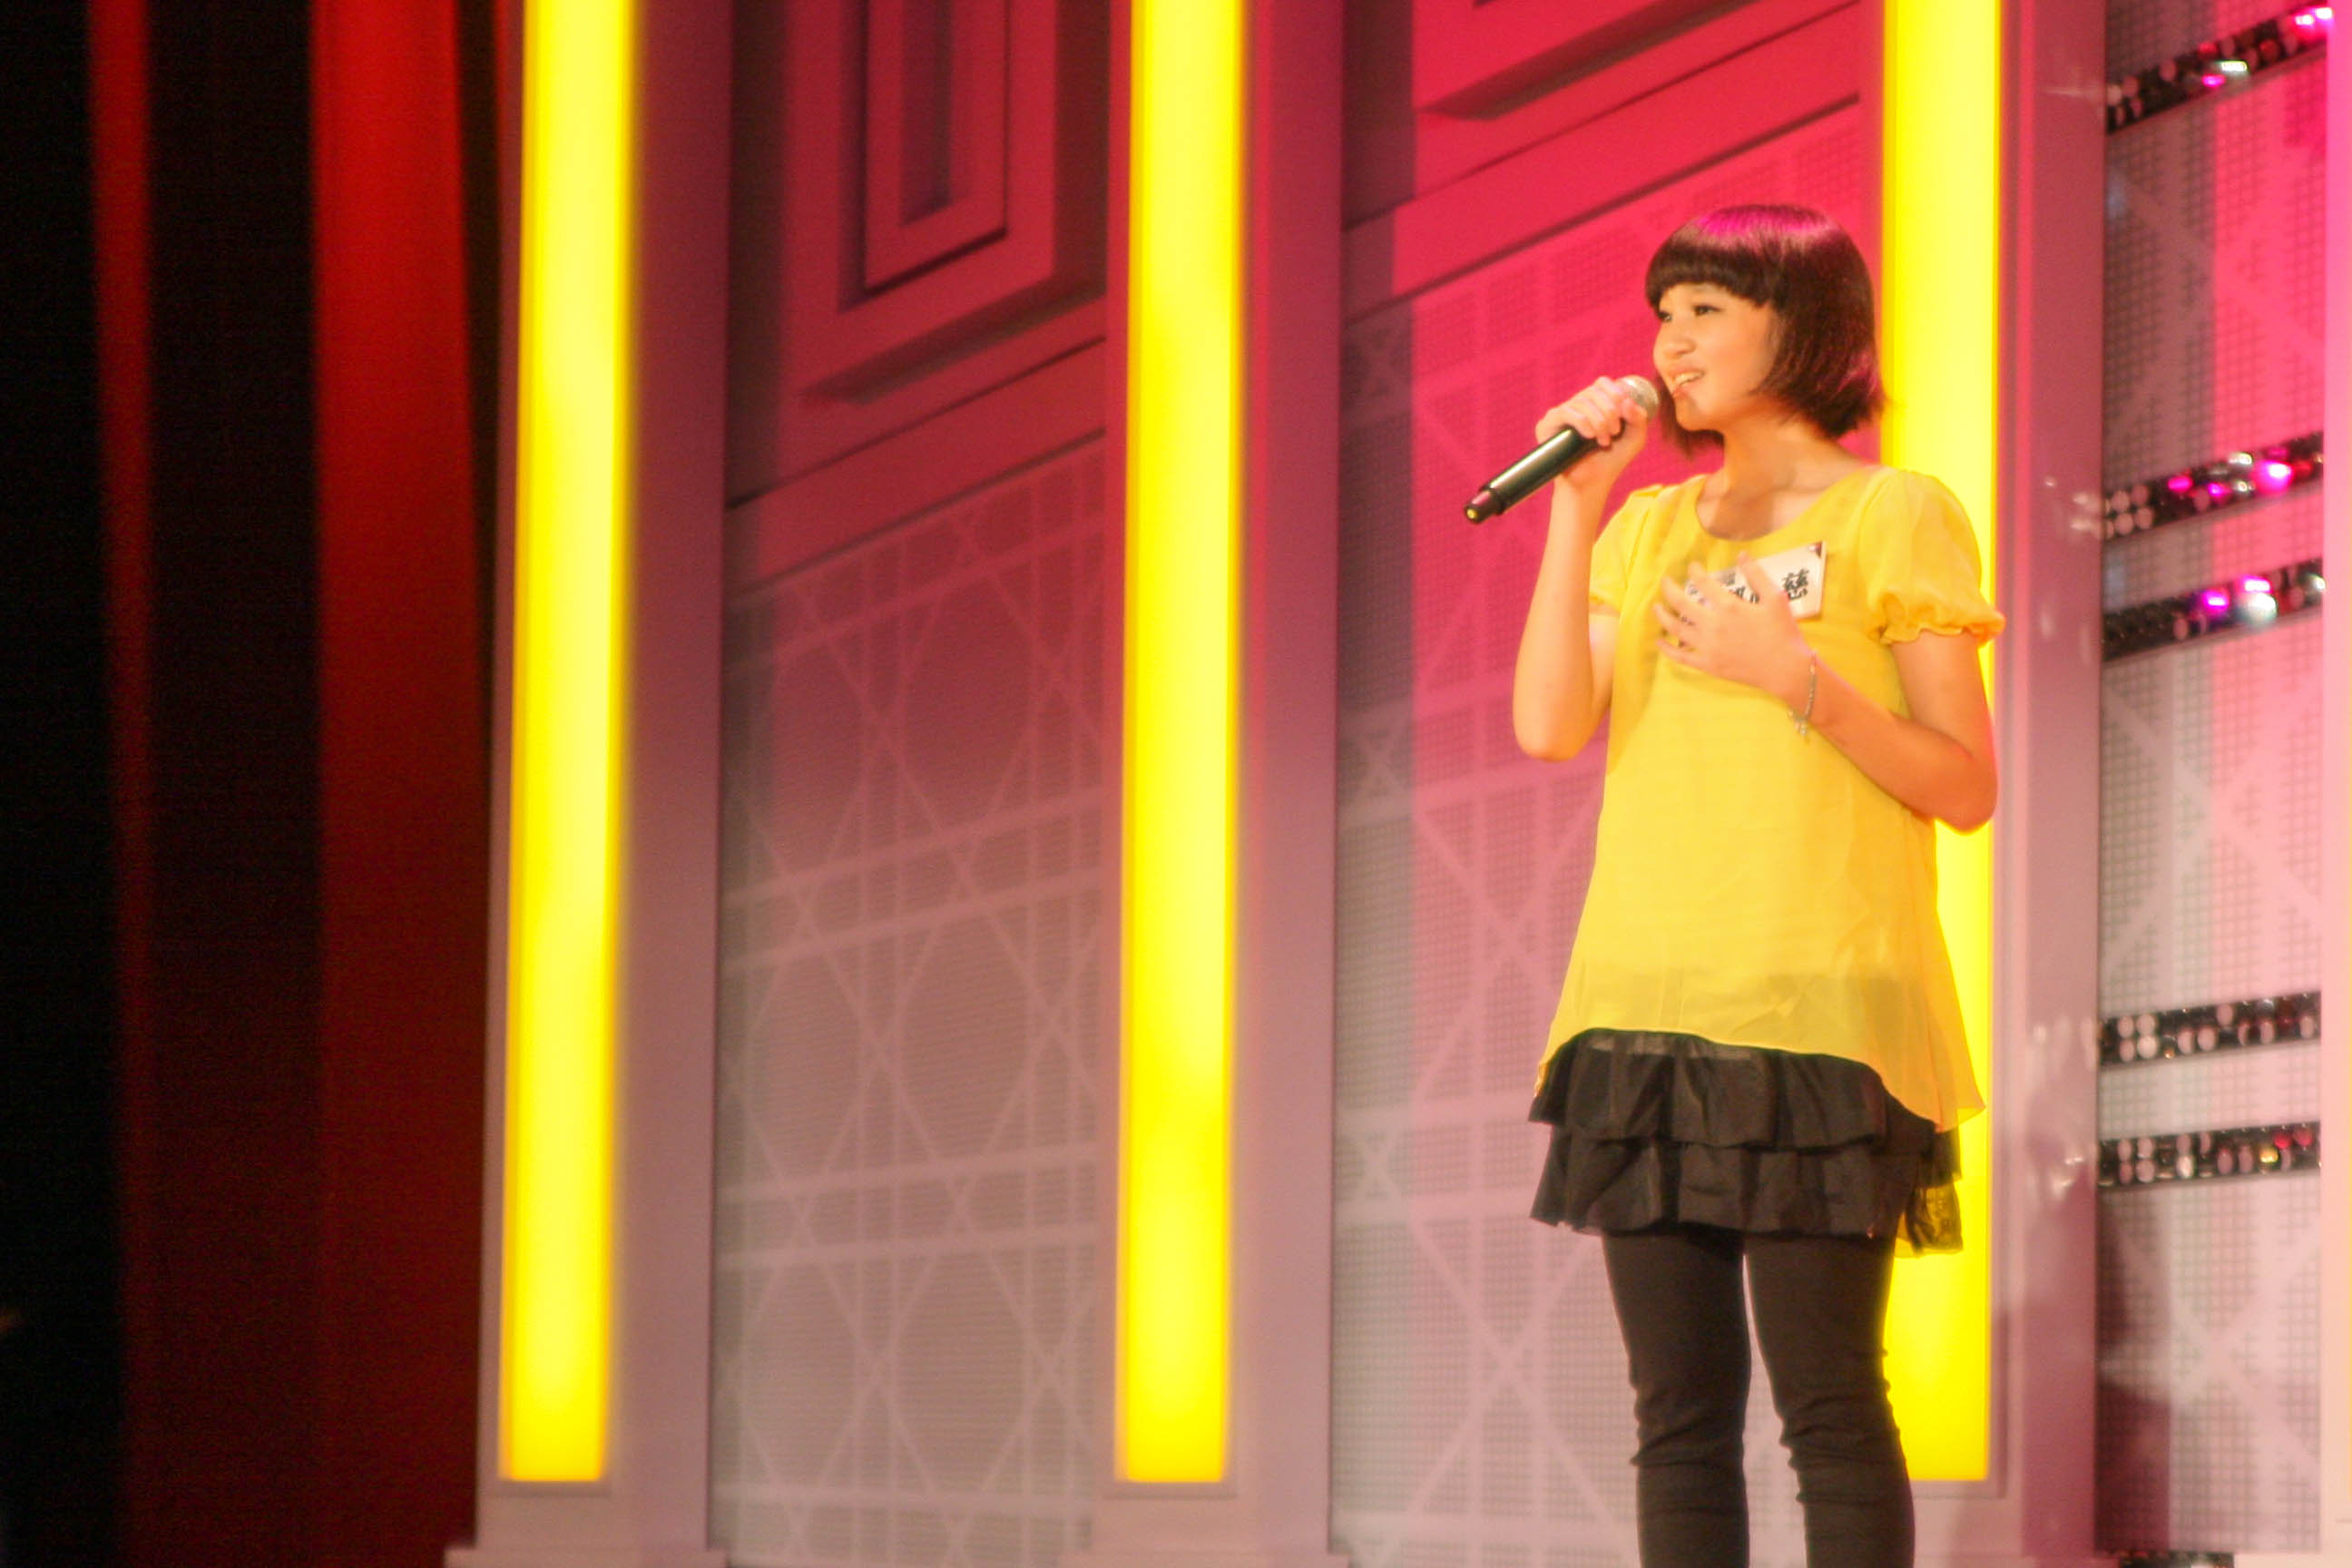 年僅14歲的鄭心慈小小年紀卻有超齡的演唱技巧